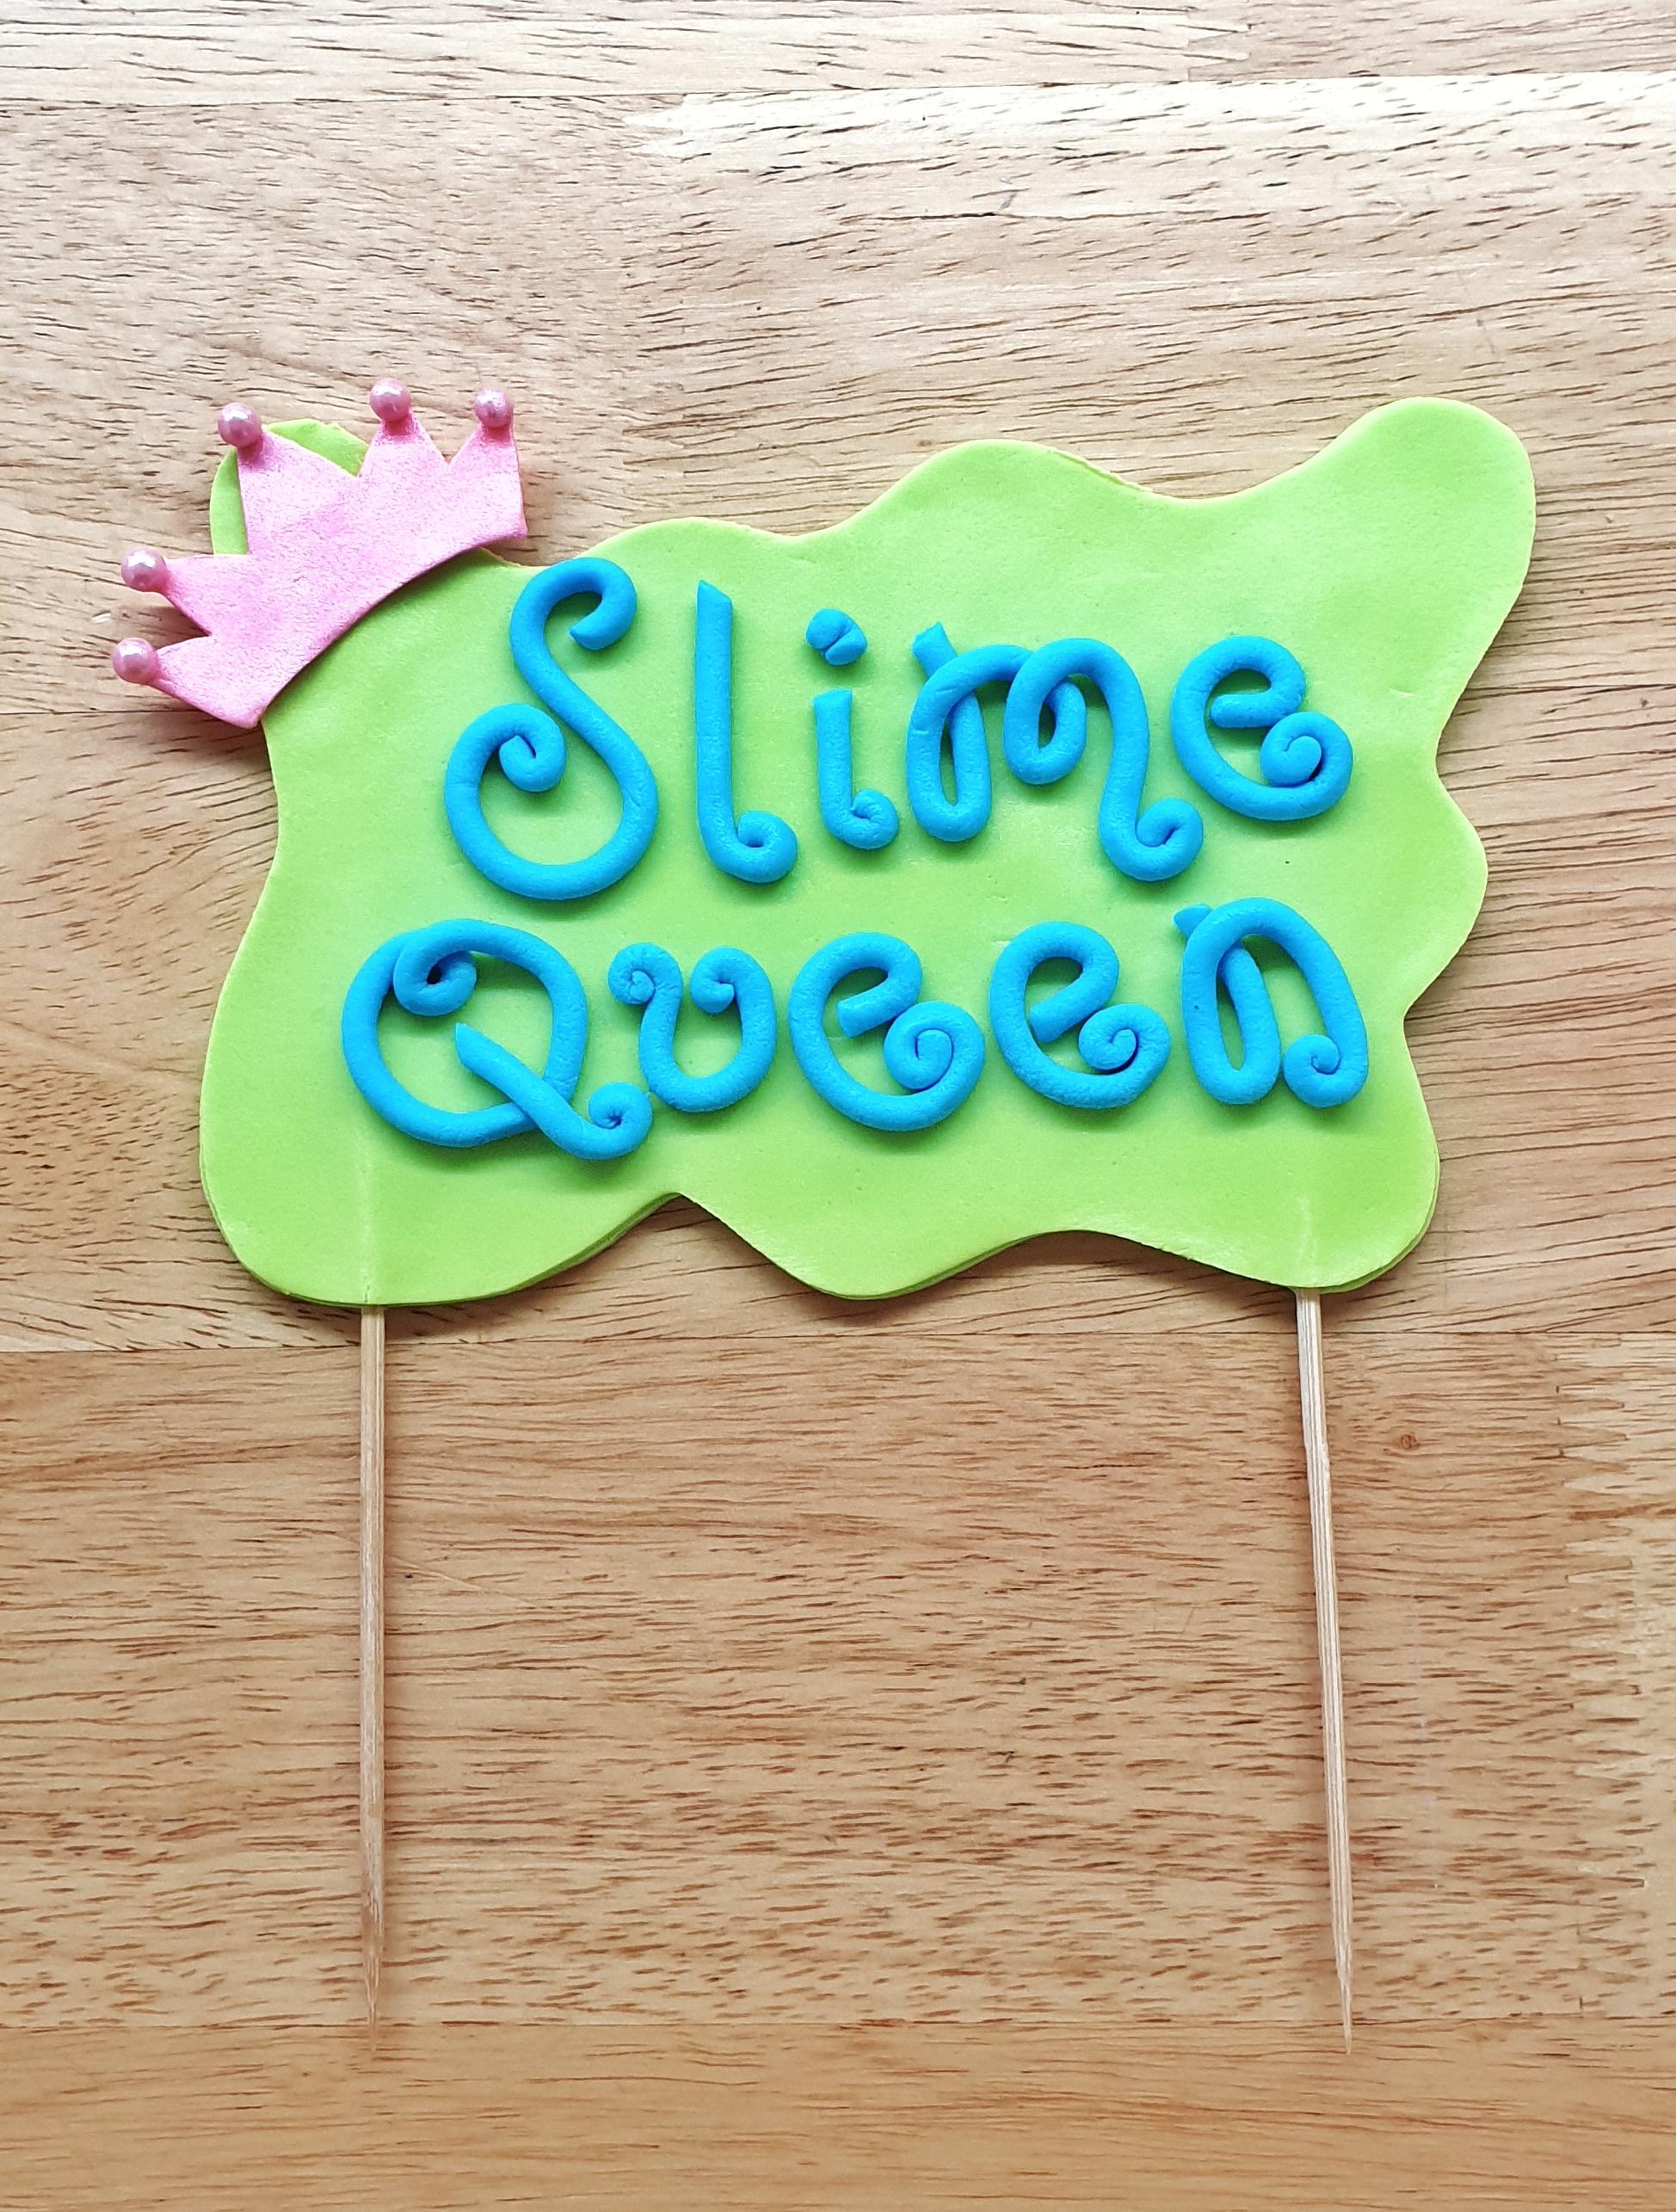 Slime Queen